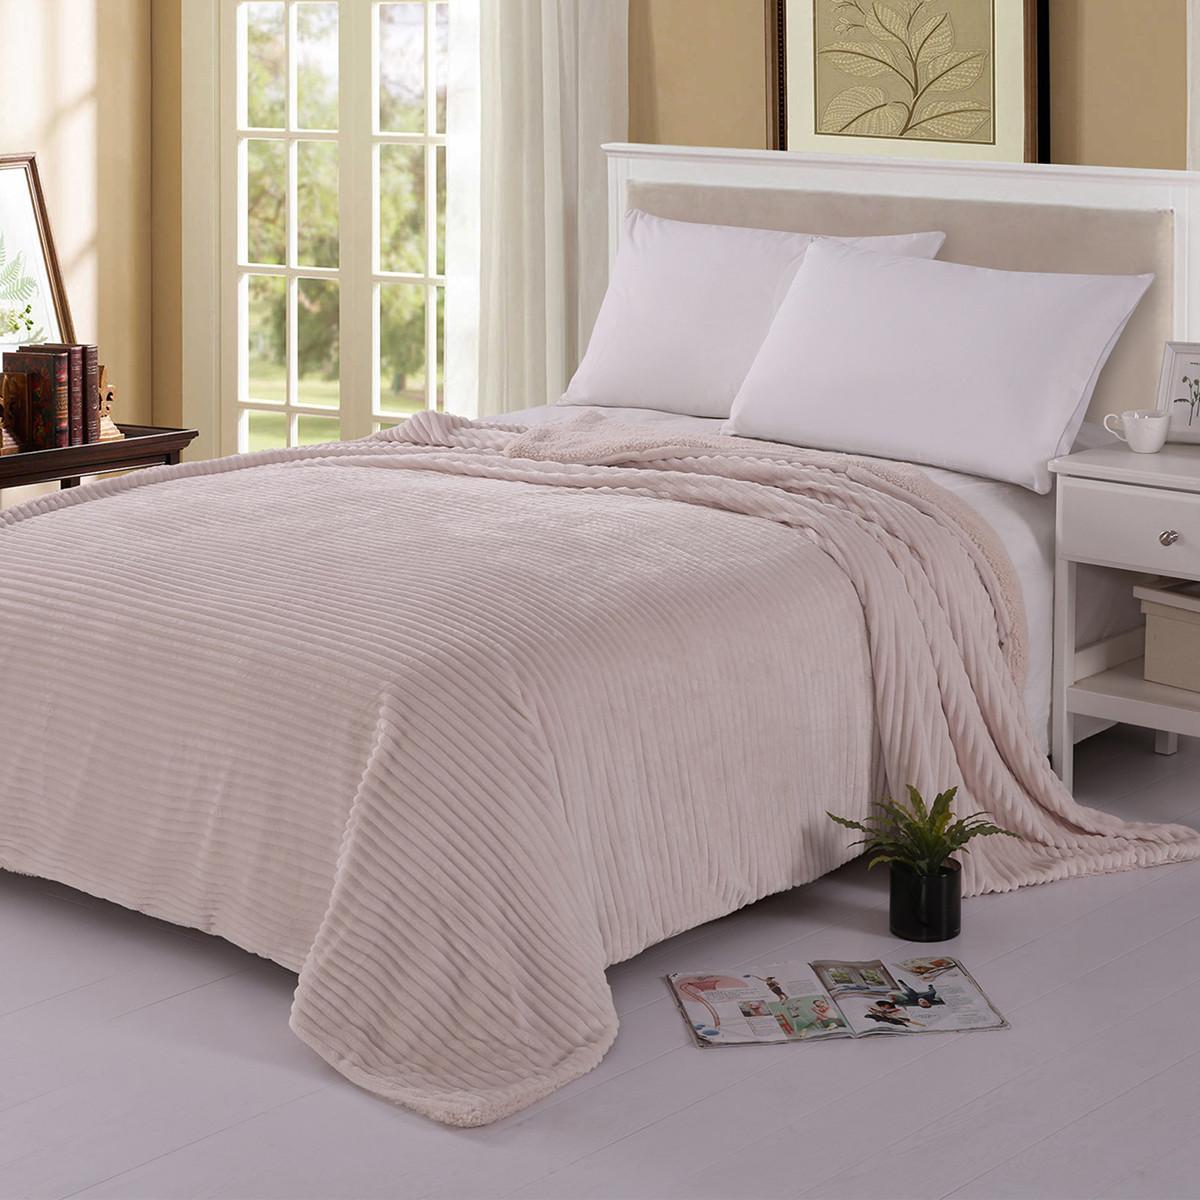 Κουβέρτα Fleece Υπέρδιπλη Με Γουνάκι Silk Fashion Kotle Cream